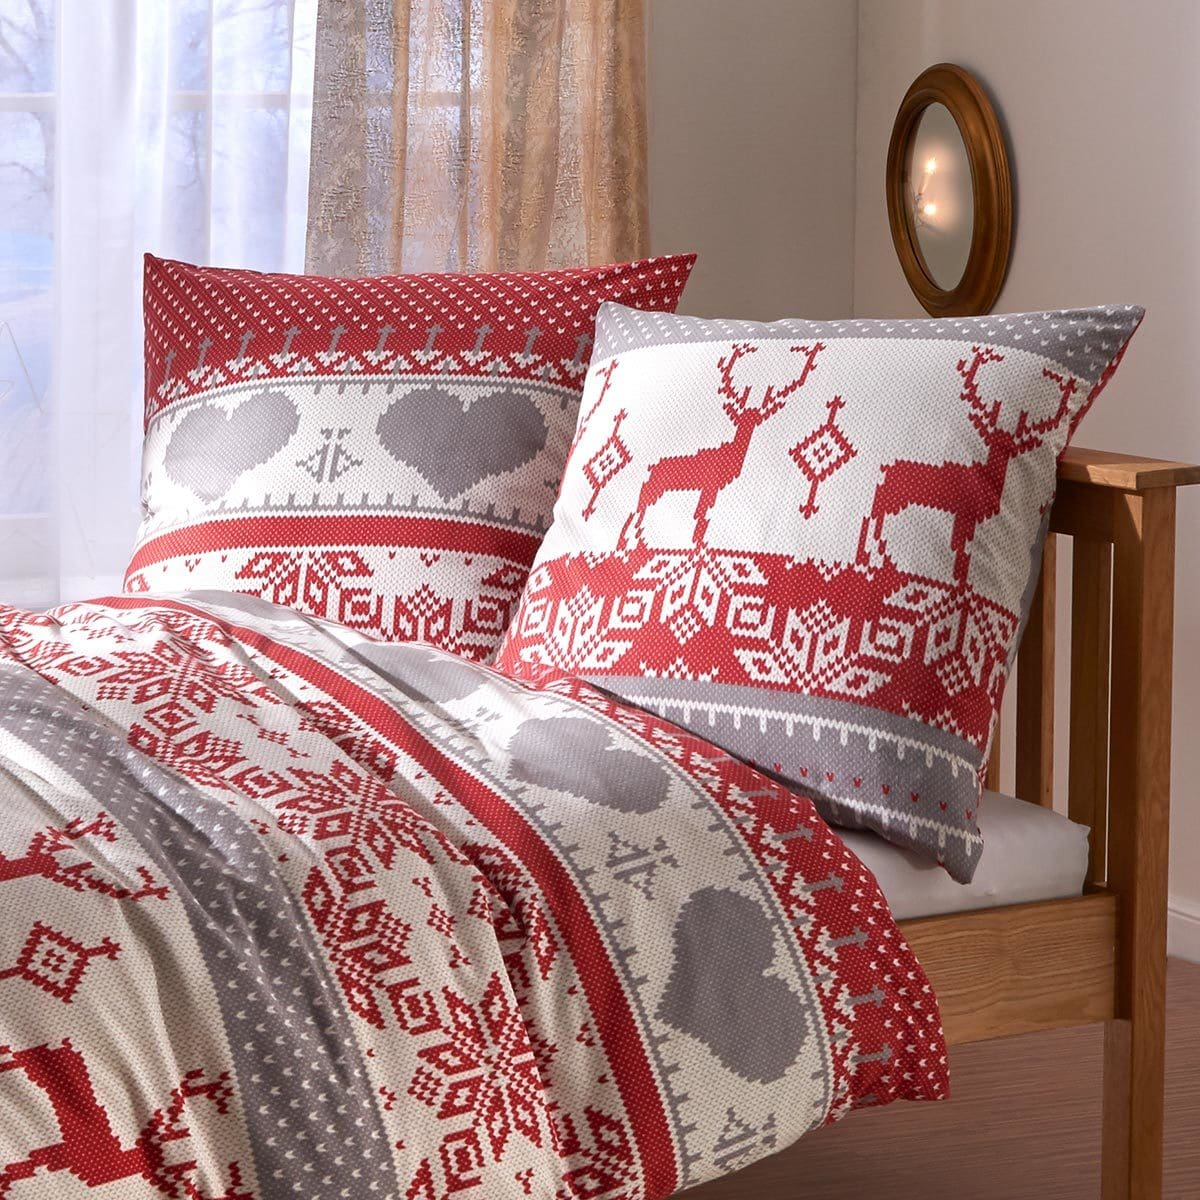 traumschlaf feinflanell bettw sche hirsch g nstig online kaufen bei bettwaren shop. Black Bedroom Furniture Sets. Home Design Ideas